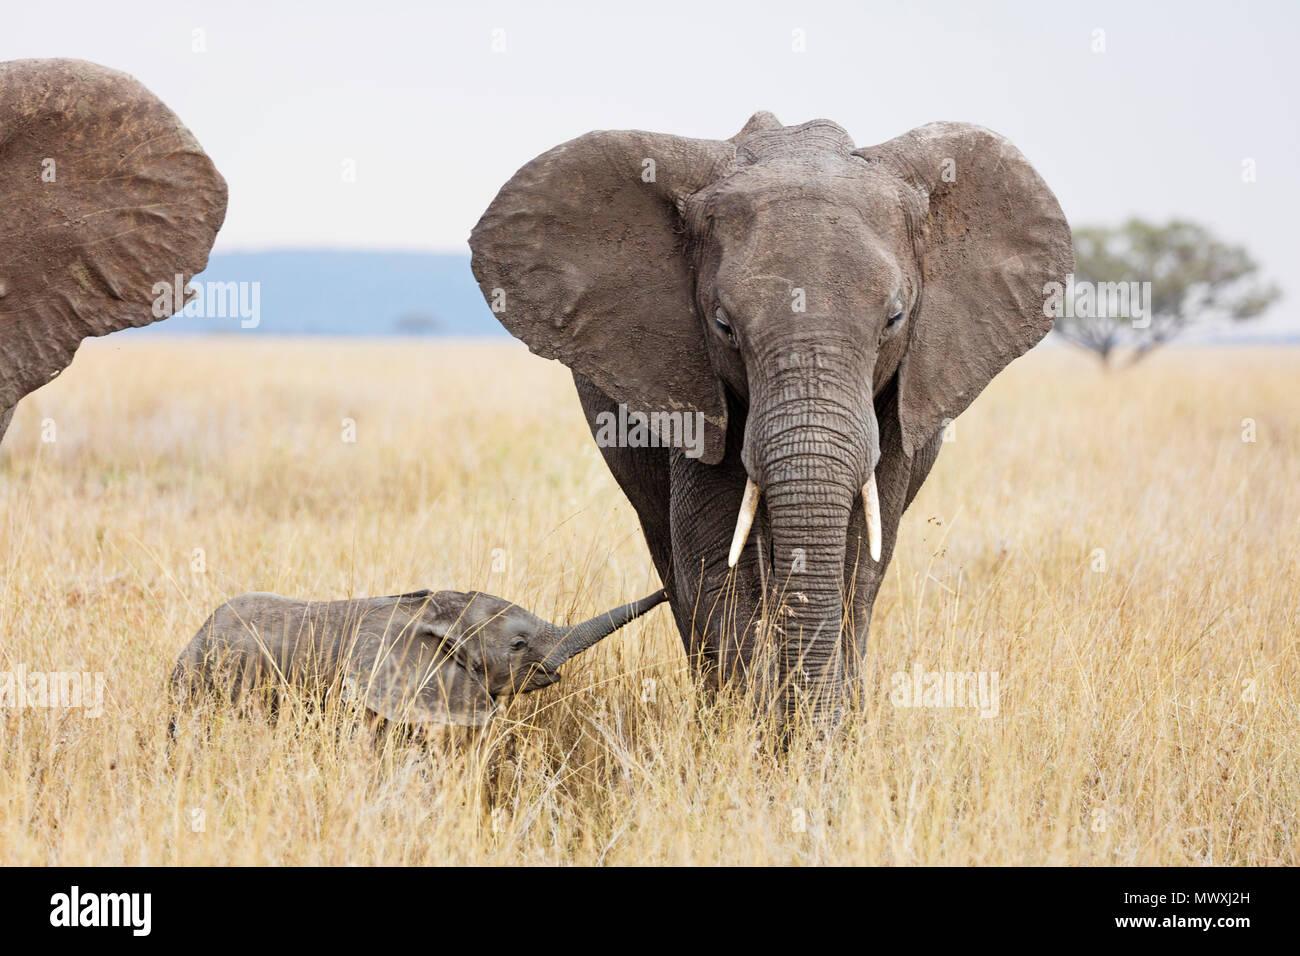 El bebé y la madre del elefante africano (Loxodonta africana), el Parque nacional Serengeti, Sitio del Patrimonio Mundial de la UNESCO, Tanzania, África oriental, África Imagen De Stock